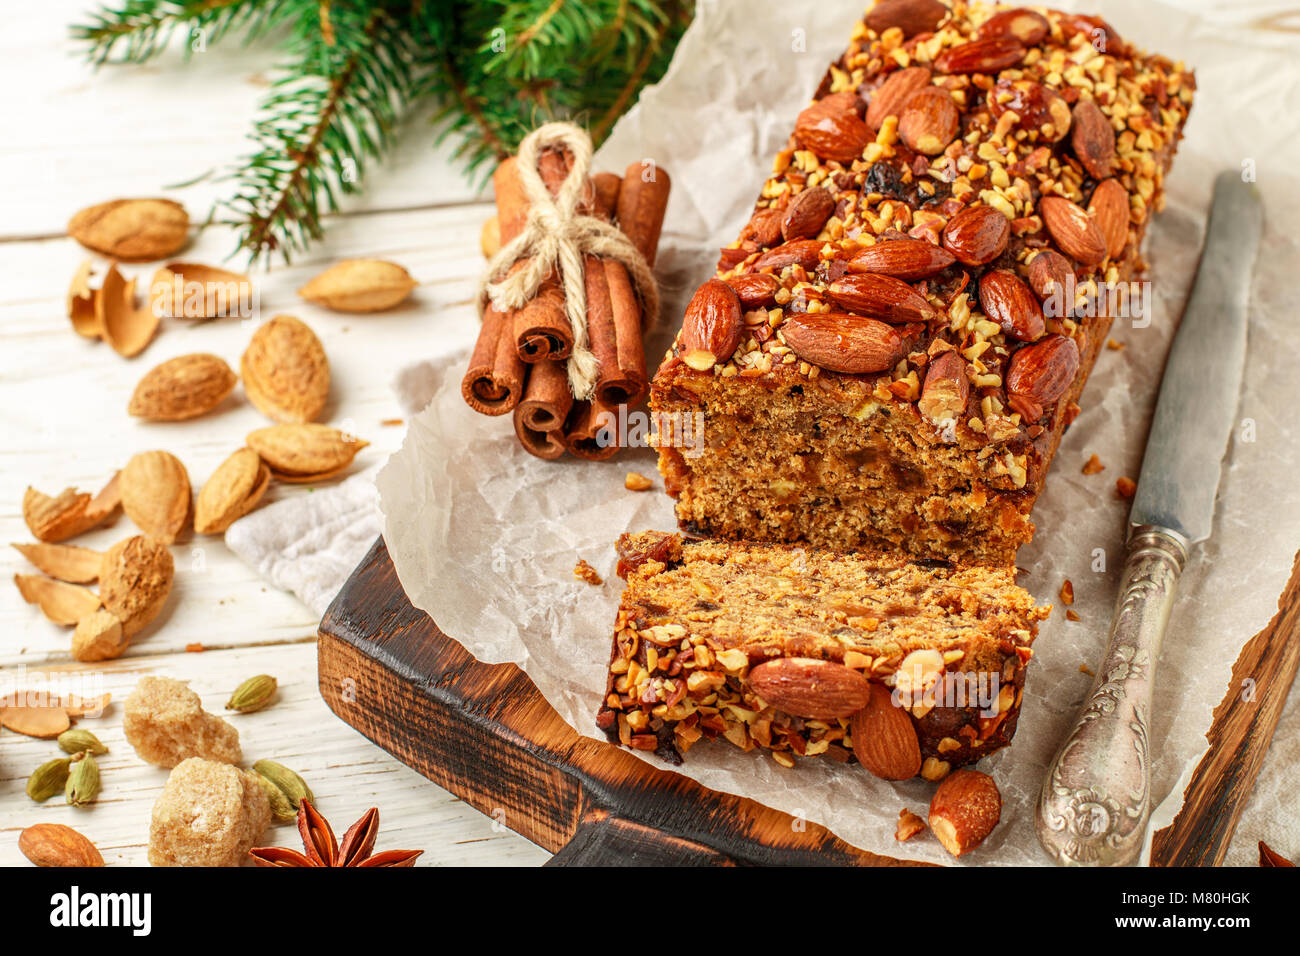 Maison de vacances Maison de fête gâteau aux fruits avec des noix, des fruits et d'épices. Les Photo Stock